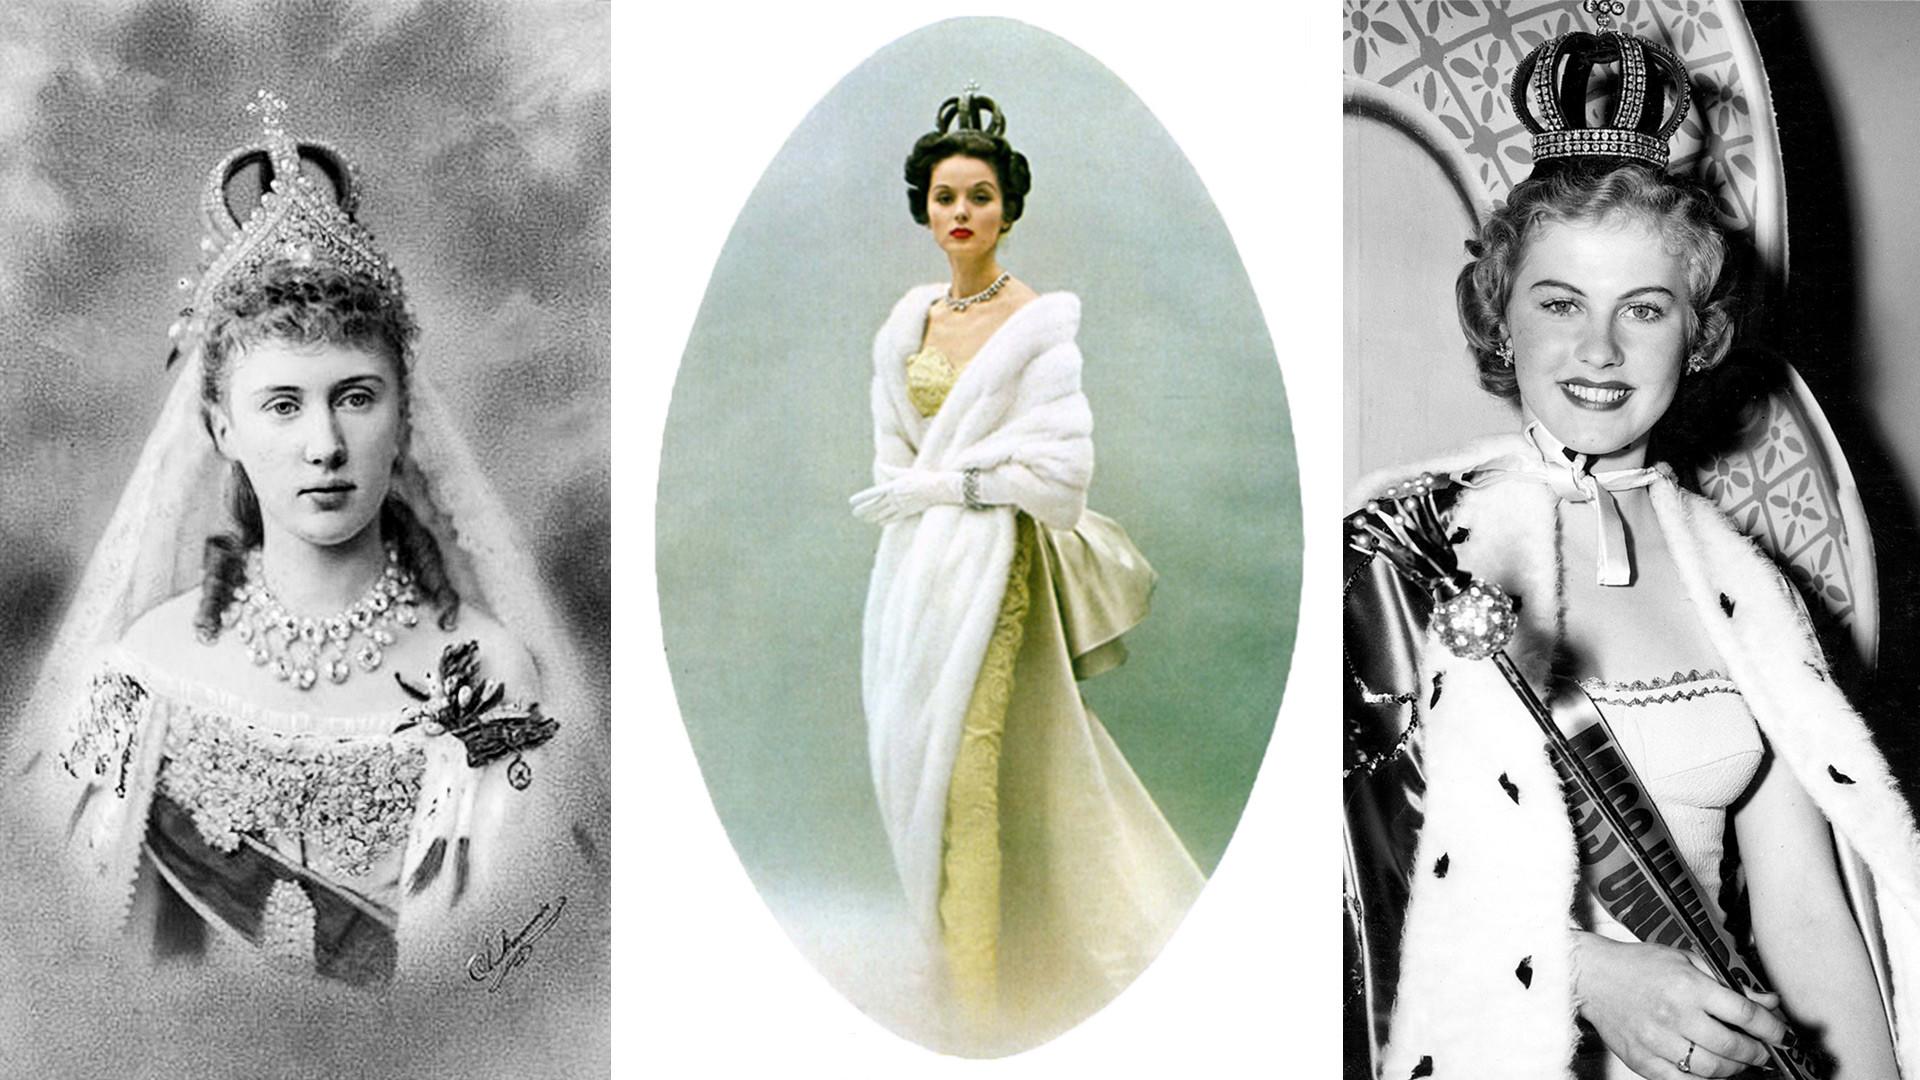 Венчальная корона Романовых на Елизавете Маврикиевне (1884), американской модели (1953) и победительнице конкурса красоты в Калифорнии (1952).